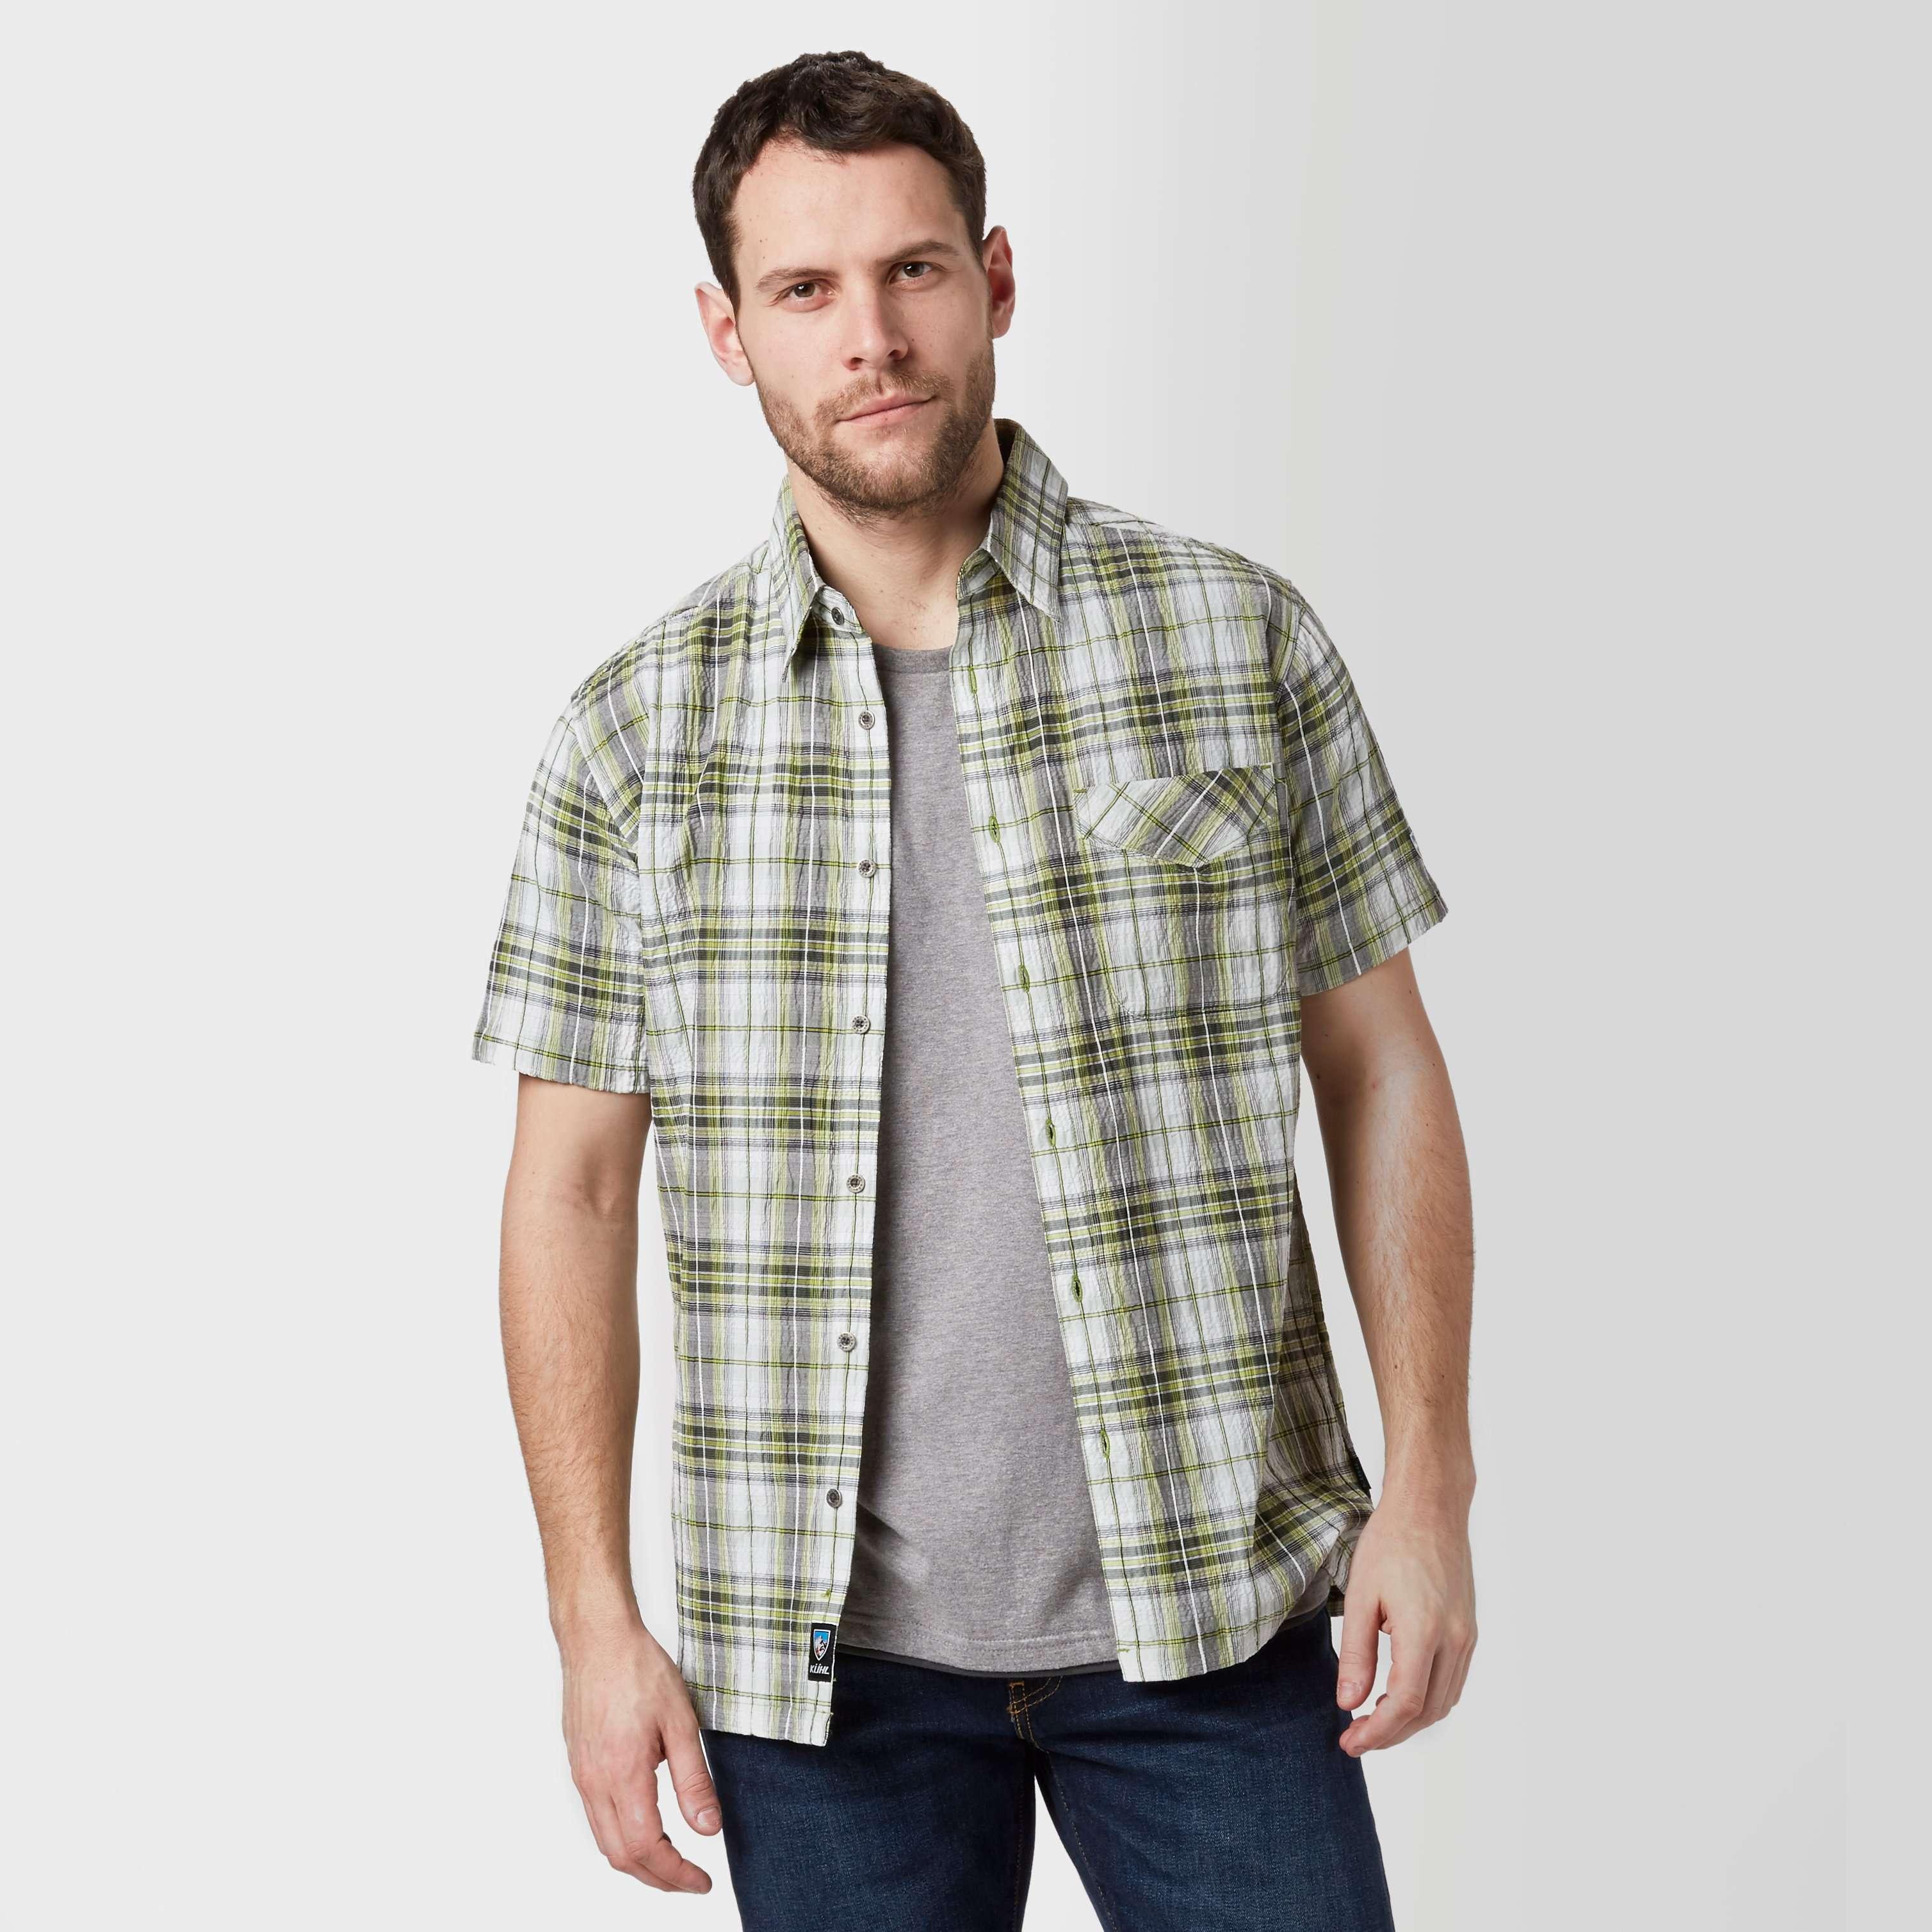 KUHL Men's Stallion Short Sleeve Shirt